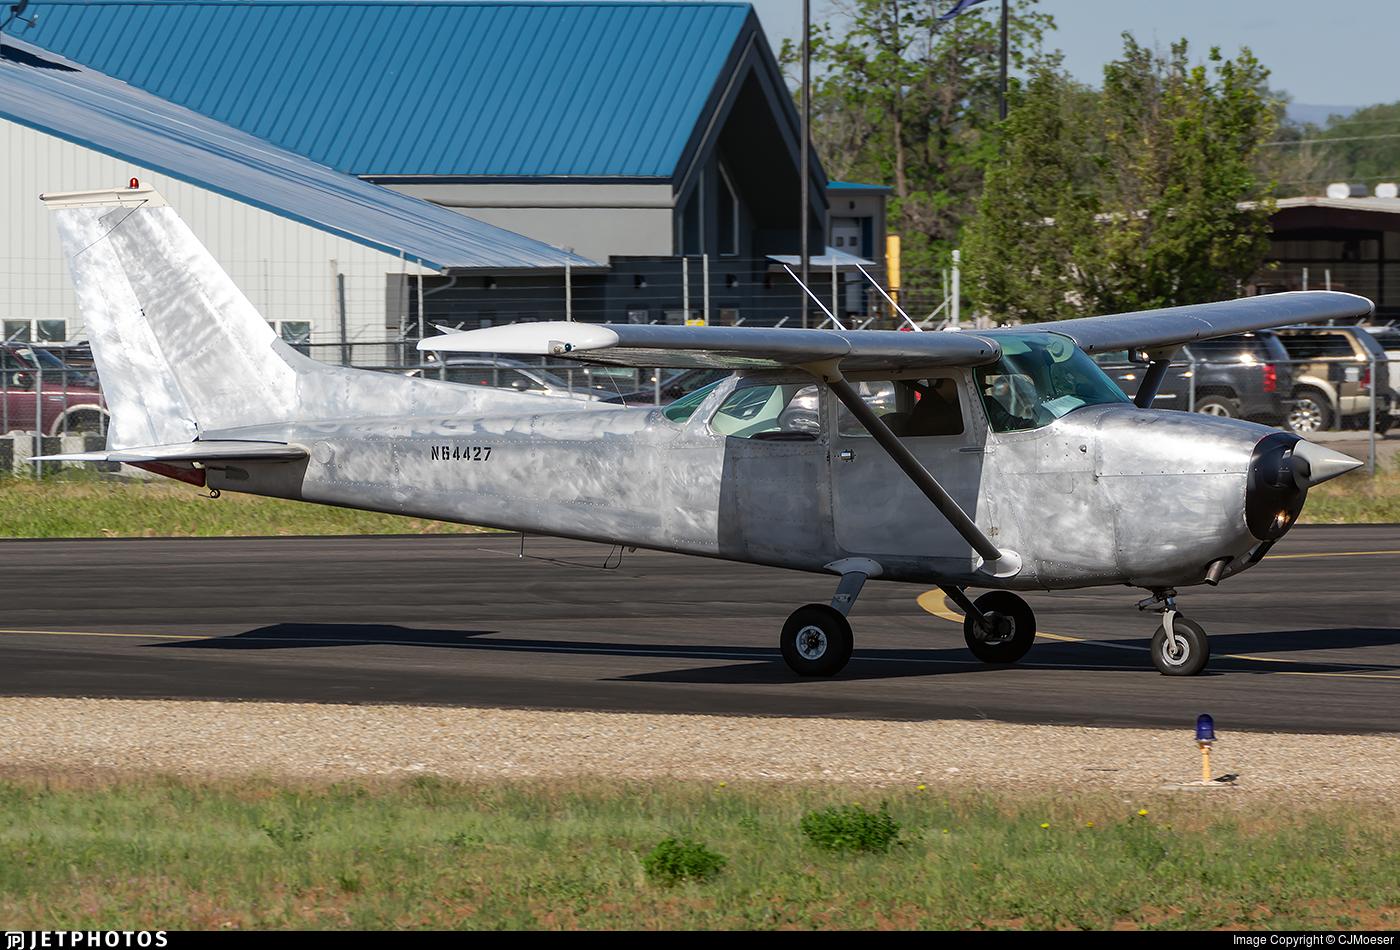 N64427 - Cessna 172M Skyhawk - Private